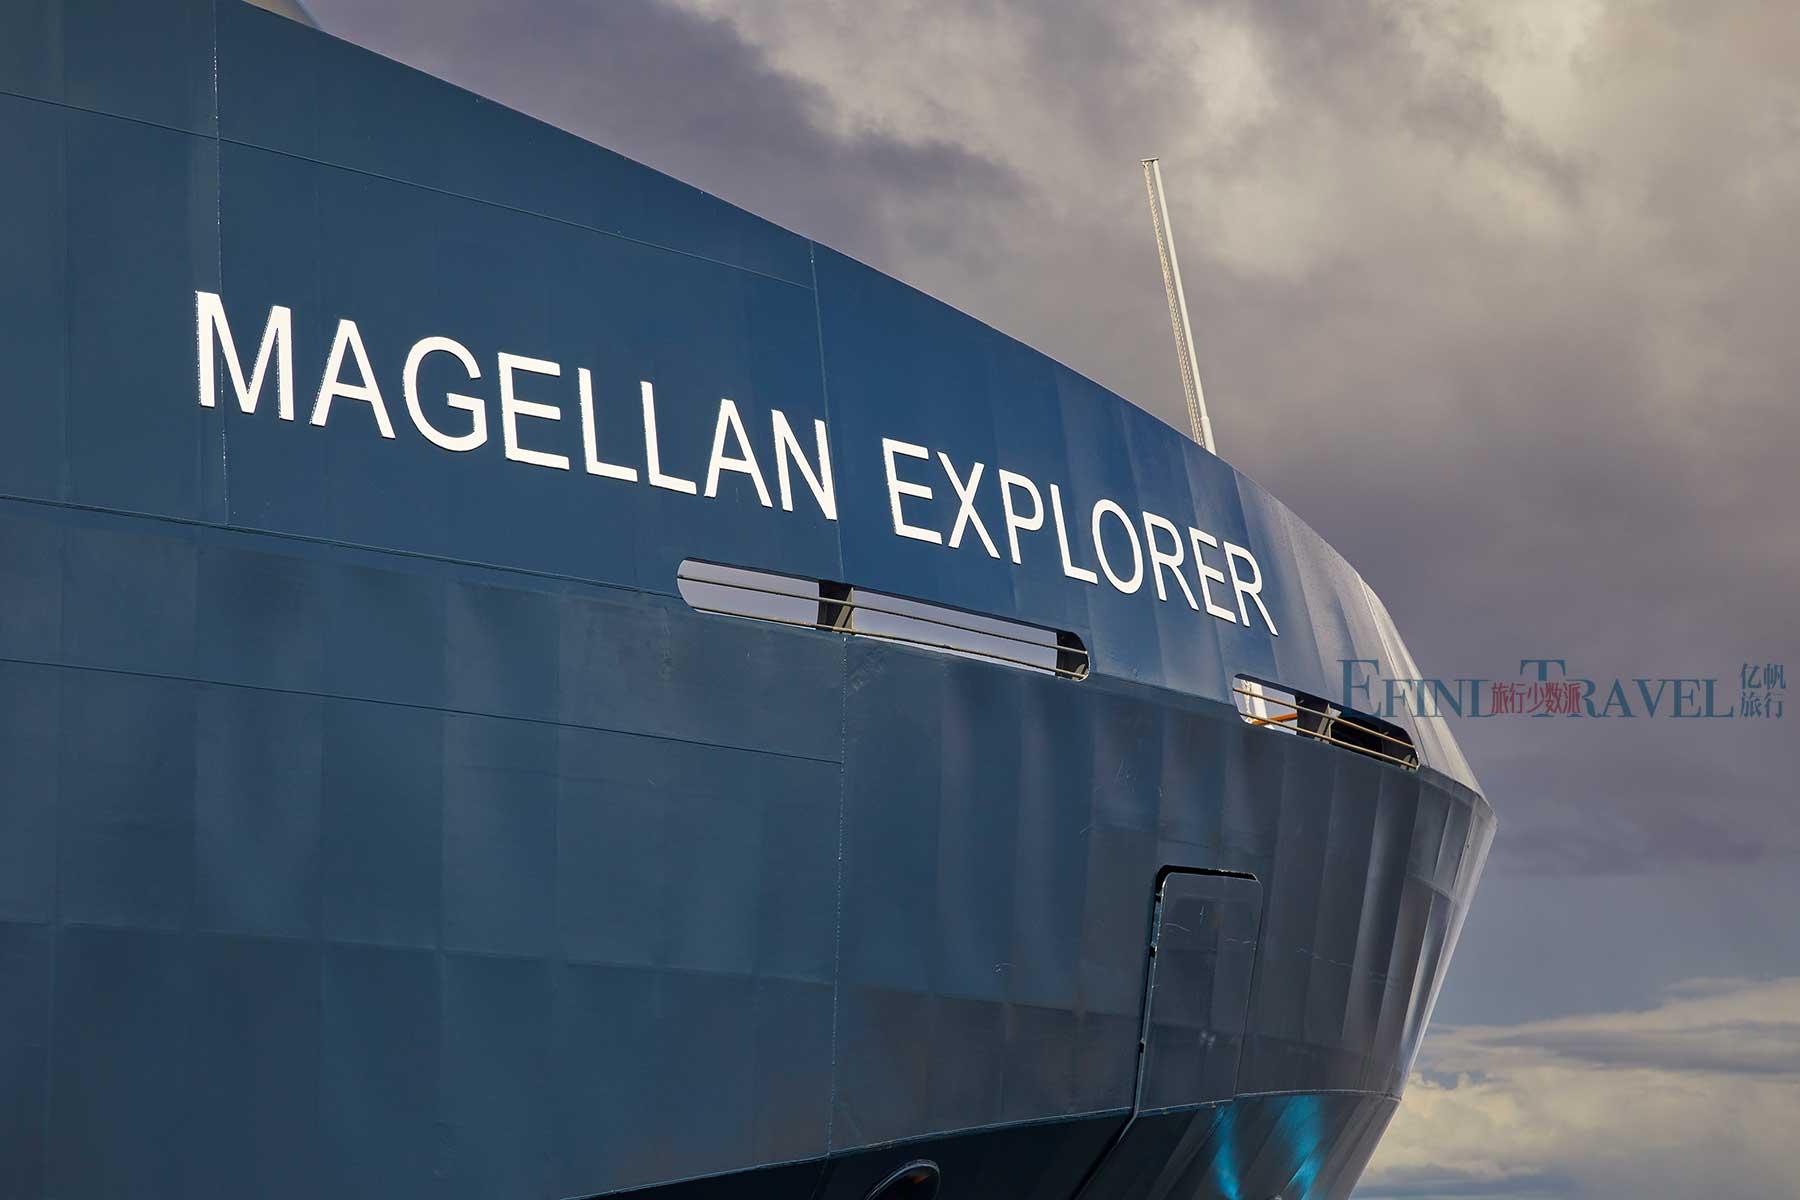 专业南极探险船-麦哲伦探索号